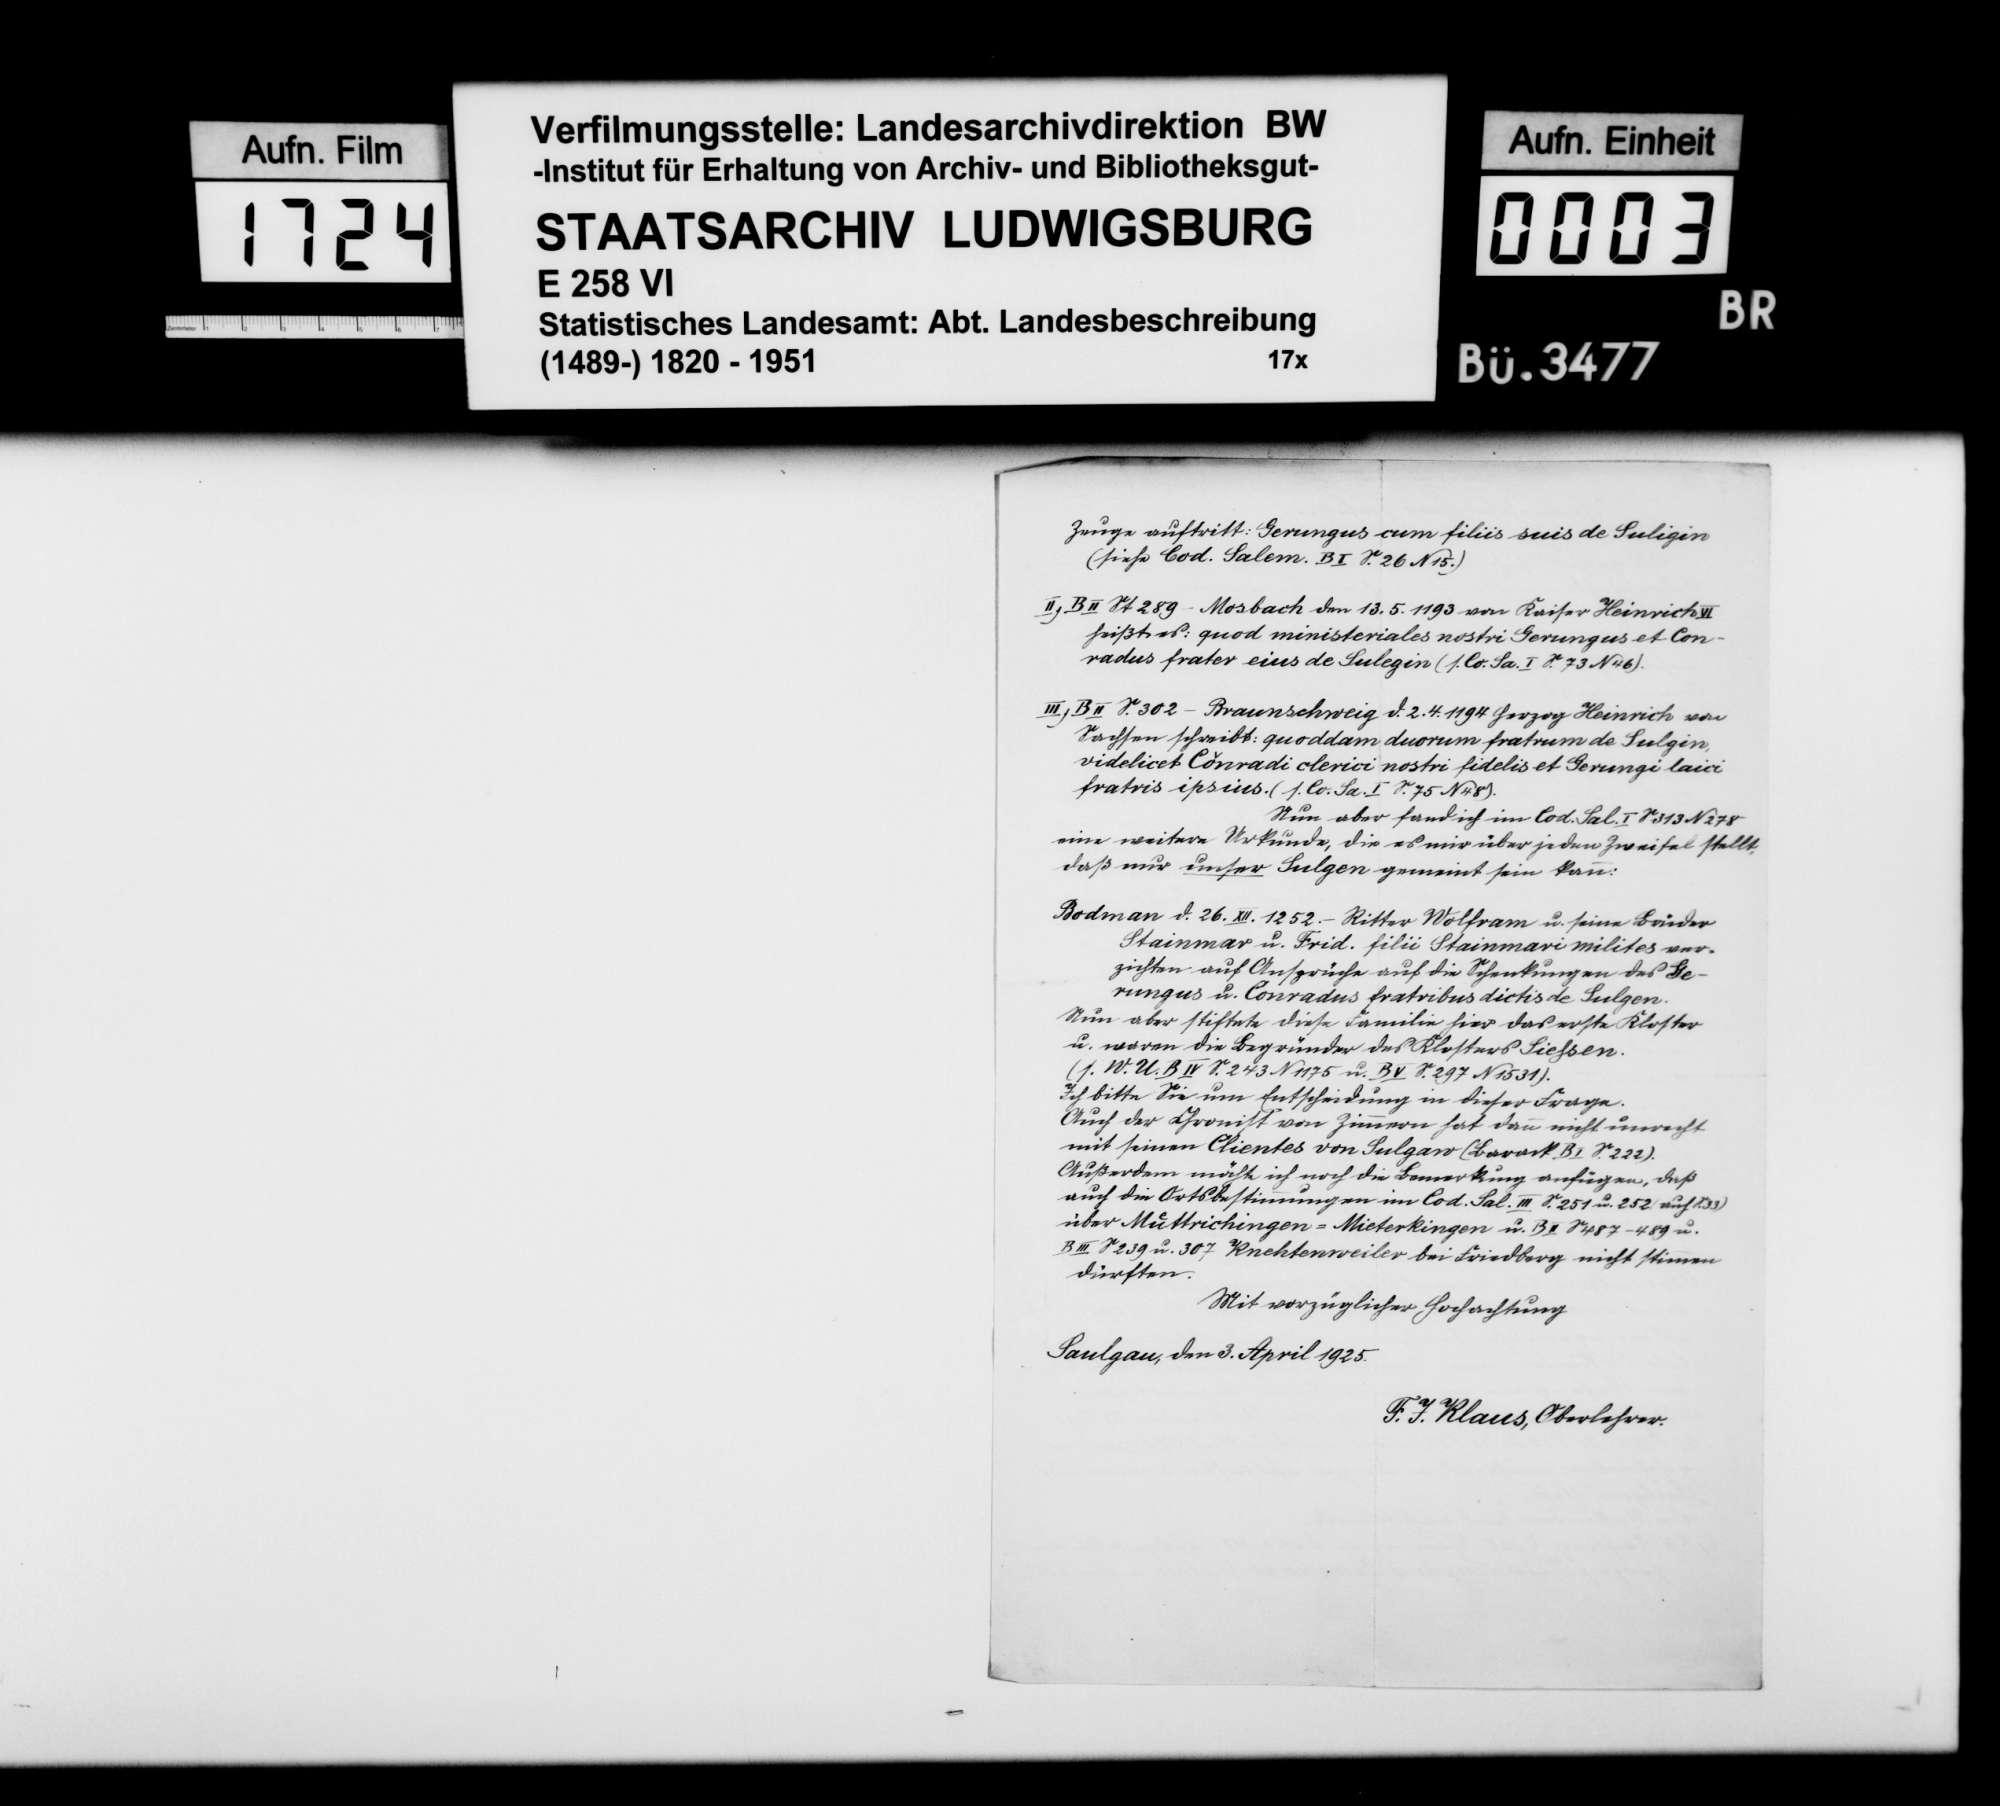 Vornehmlich historisches Material zur Neubearbeitung der OAB, Bild 2